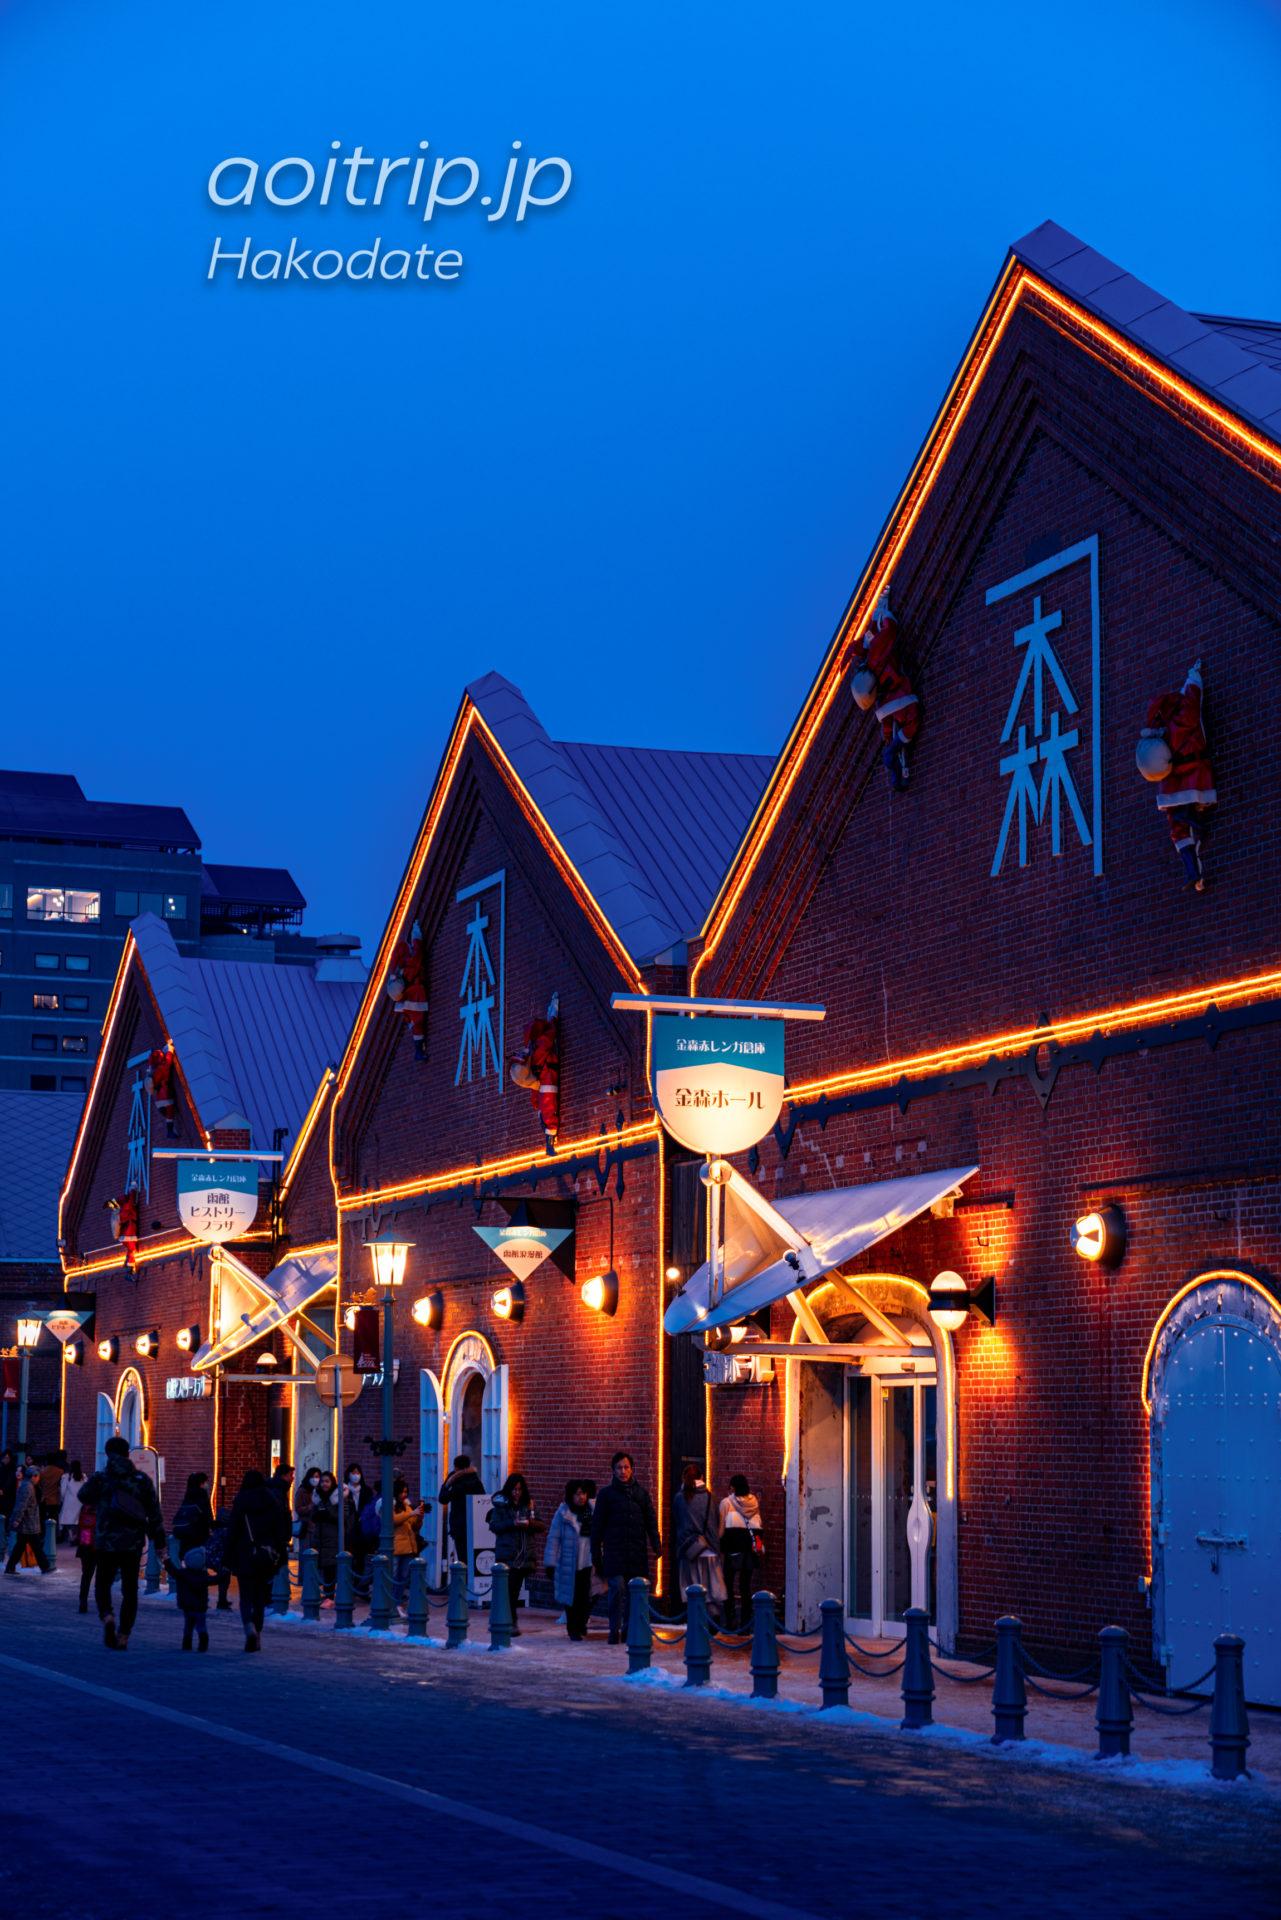 冬の金森赤レンガ倉庫